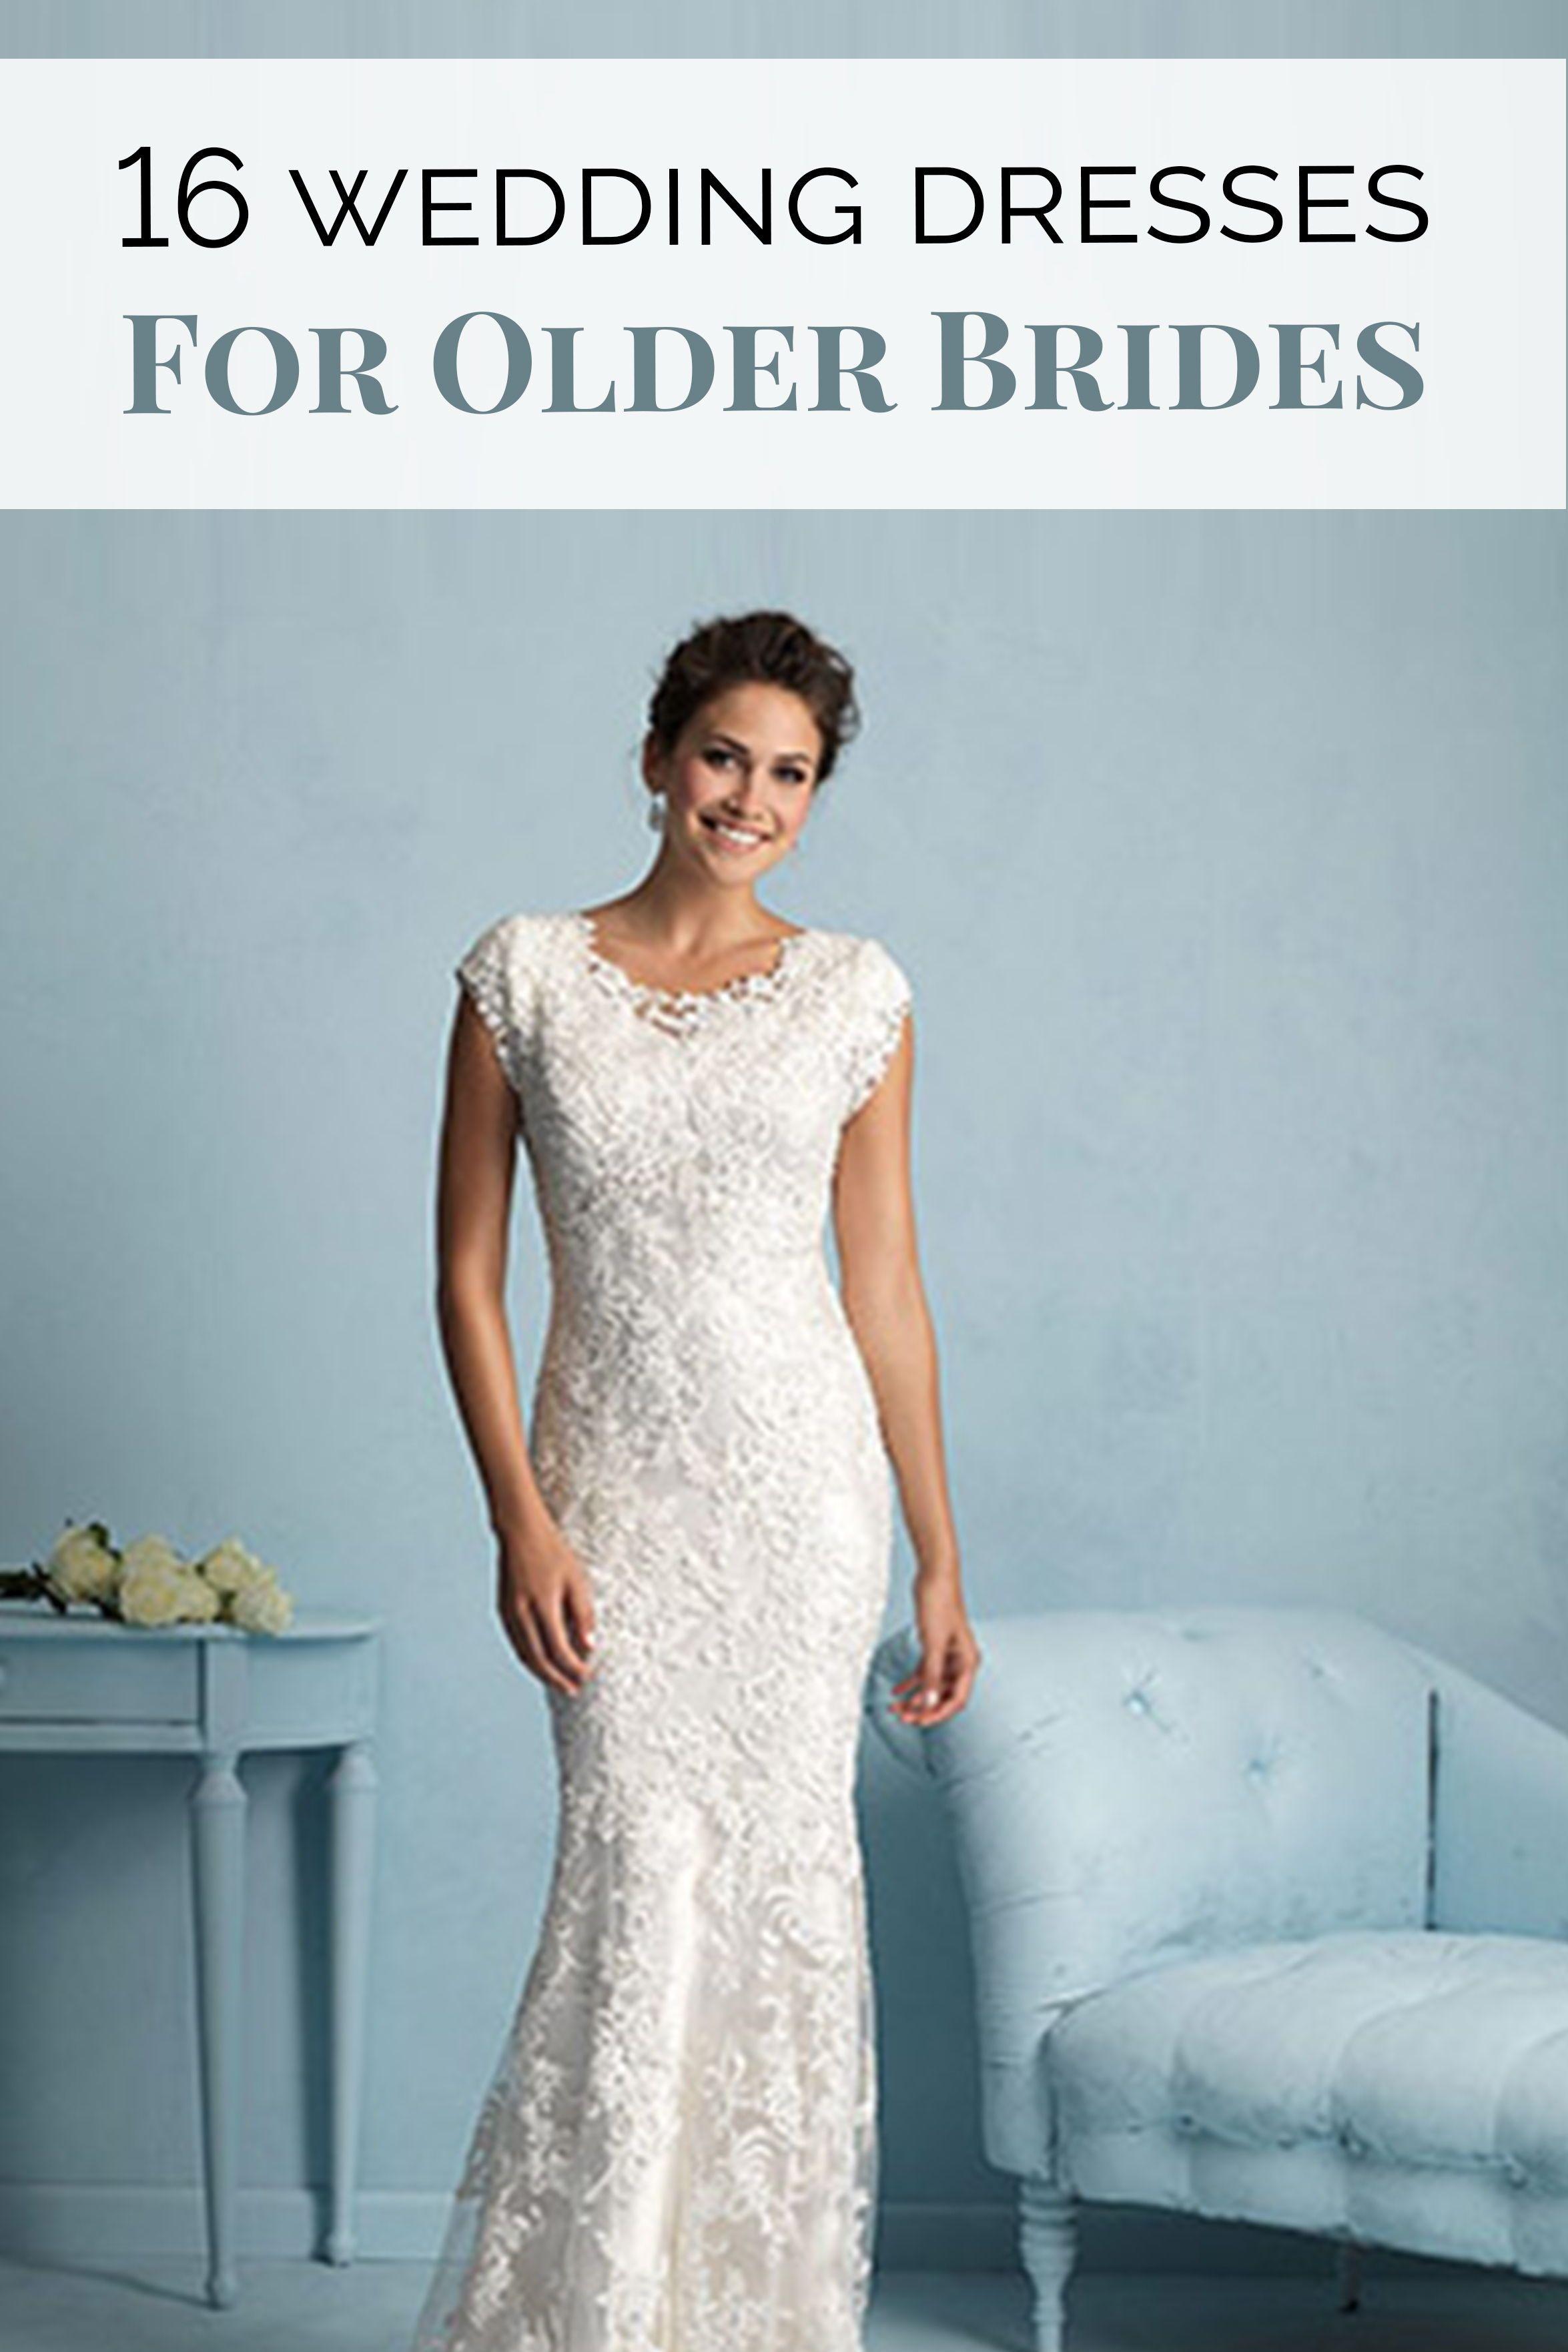 Conservative wedding dresses   Wedding Dresses for Older Brides  Pinterest  Conservative